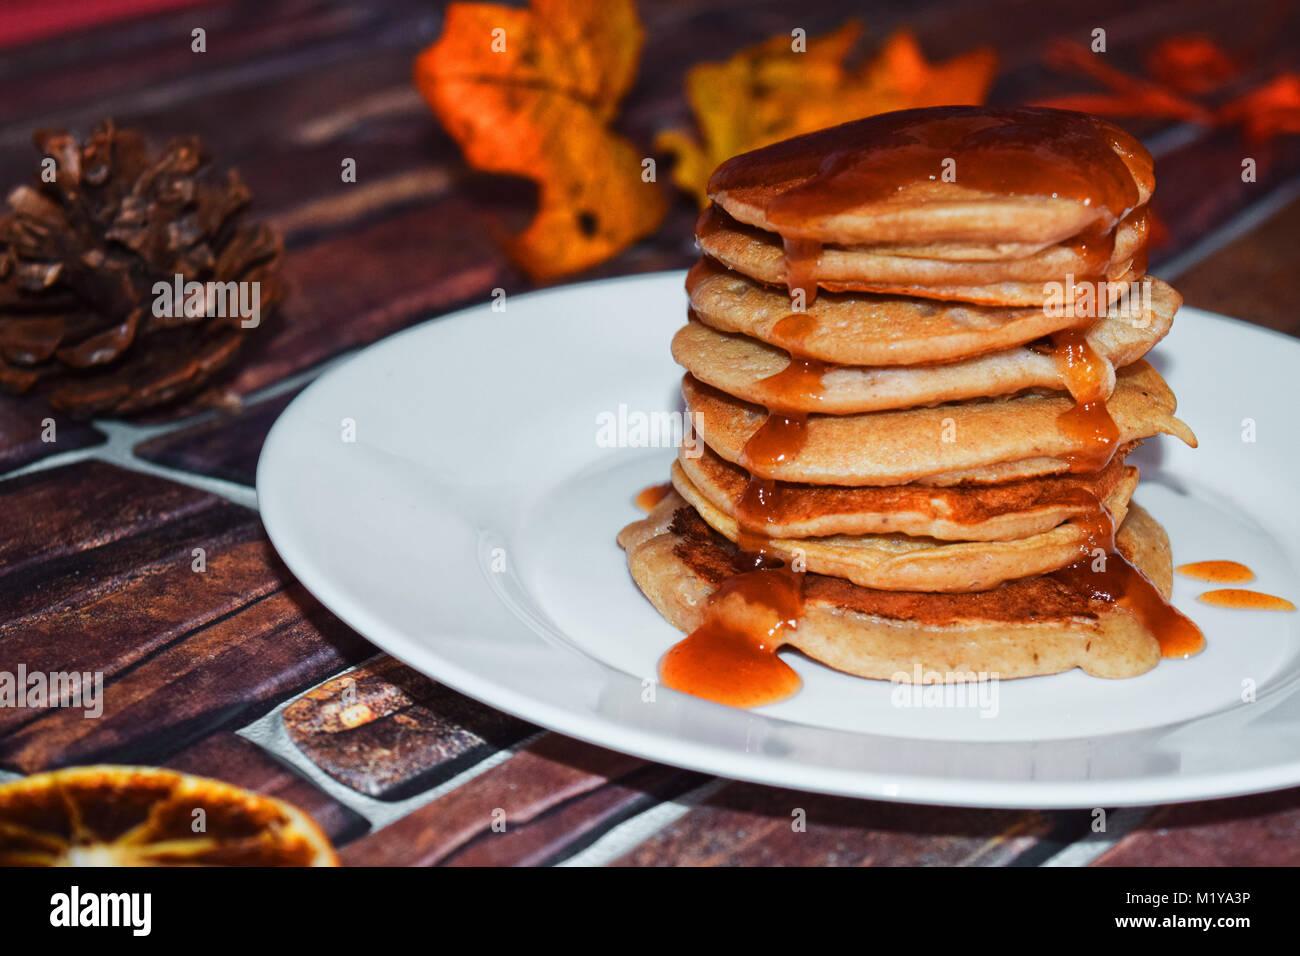 Amerikanische Pfannkuchen Stockbild